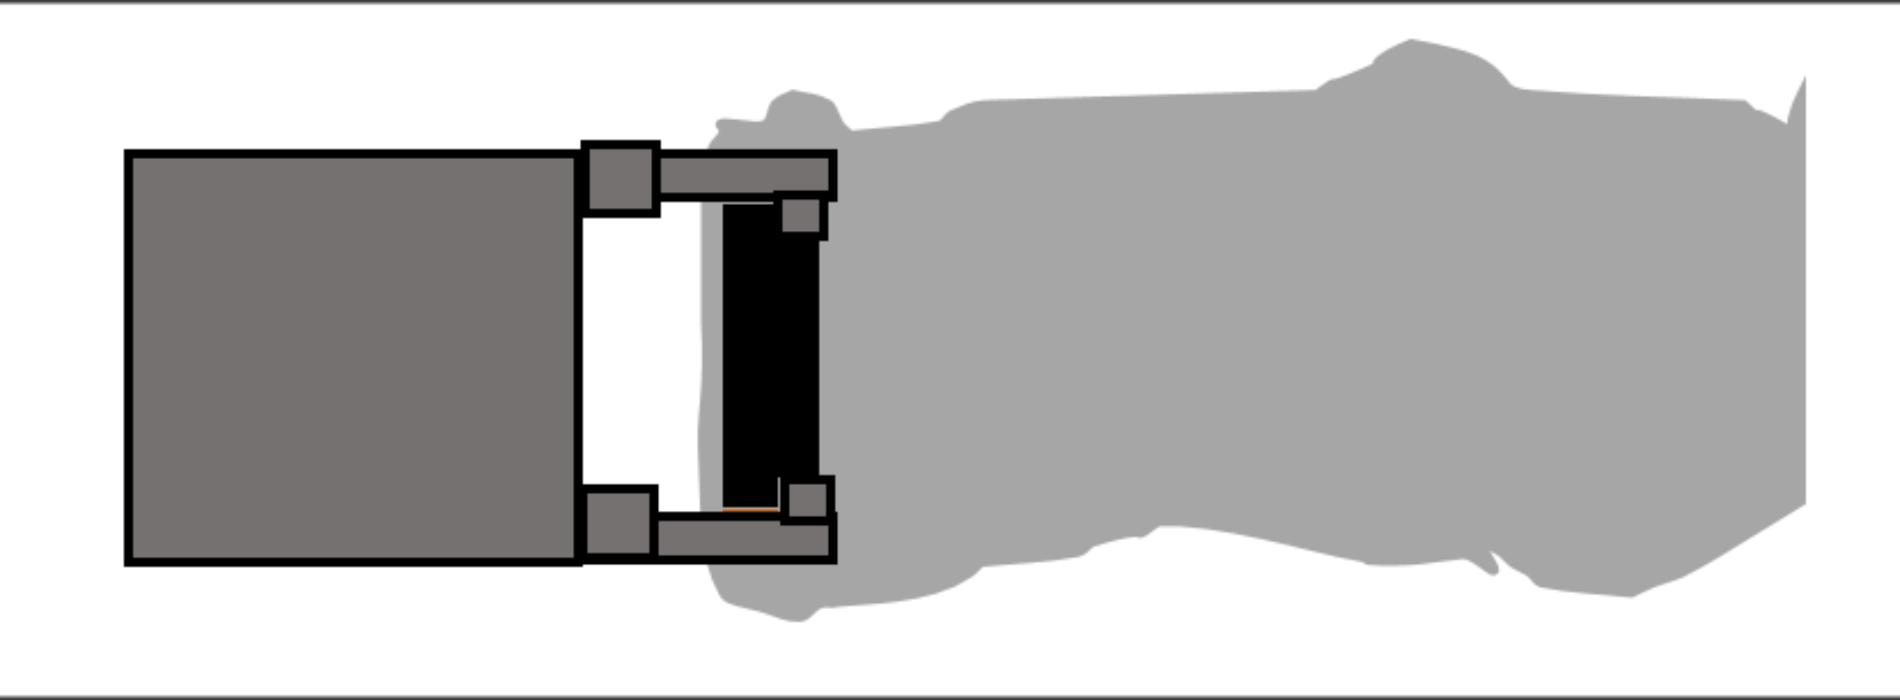 Ejecución de muro pantalla con junta trapezoidal y circular II